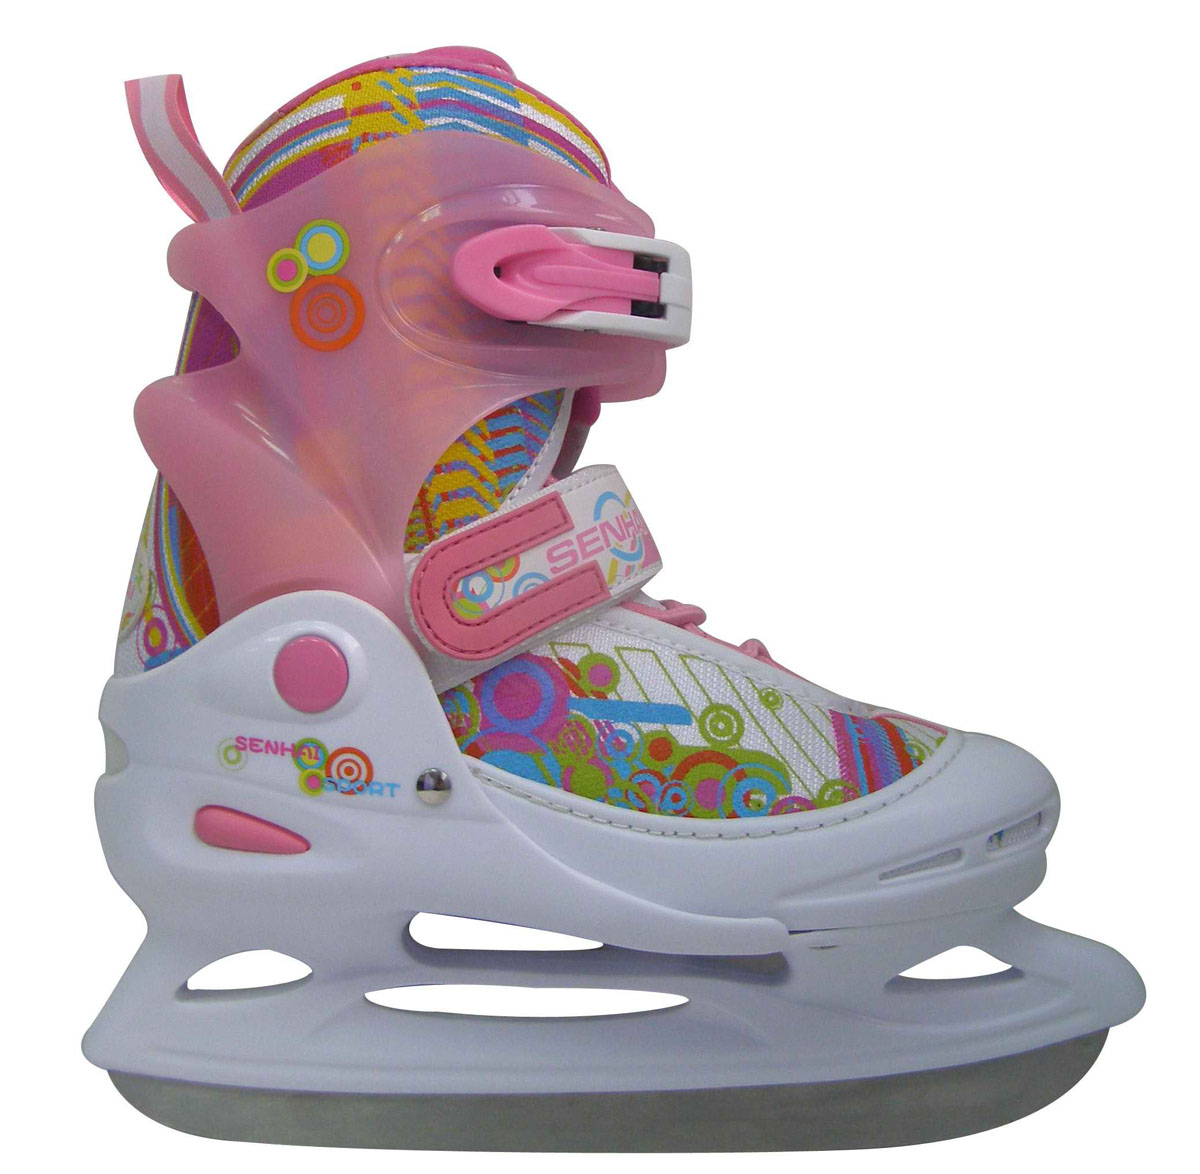 Коньки ледовые для девочки Action, раздвижные, цвет: белый, розовый, голубой. PW-111. Размер 26/29